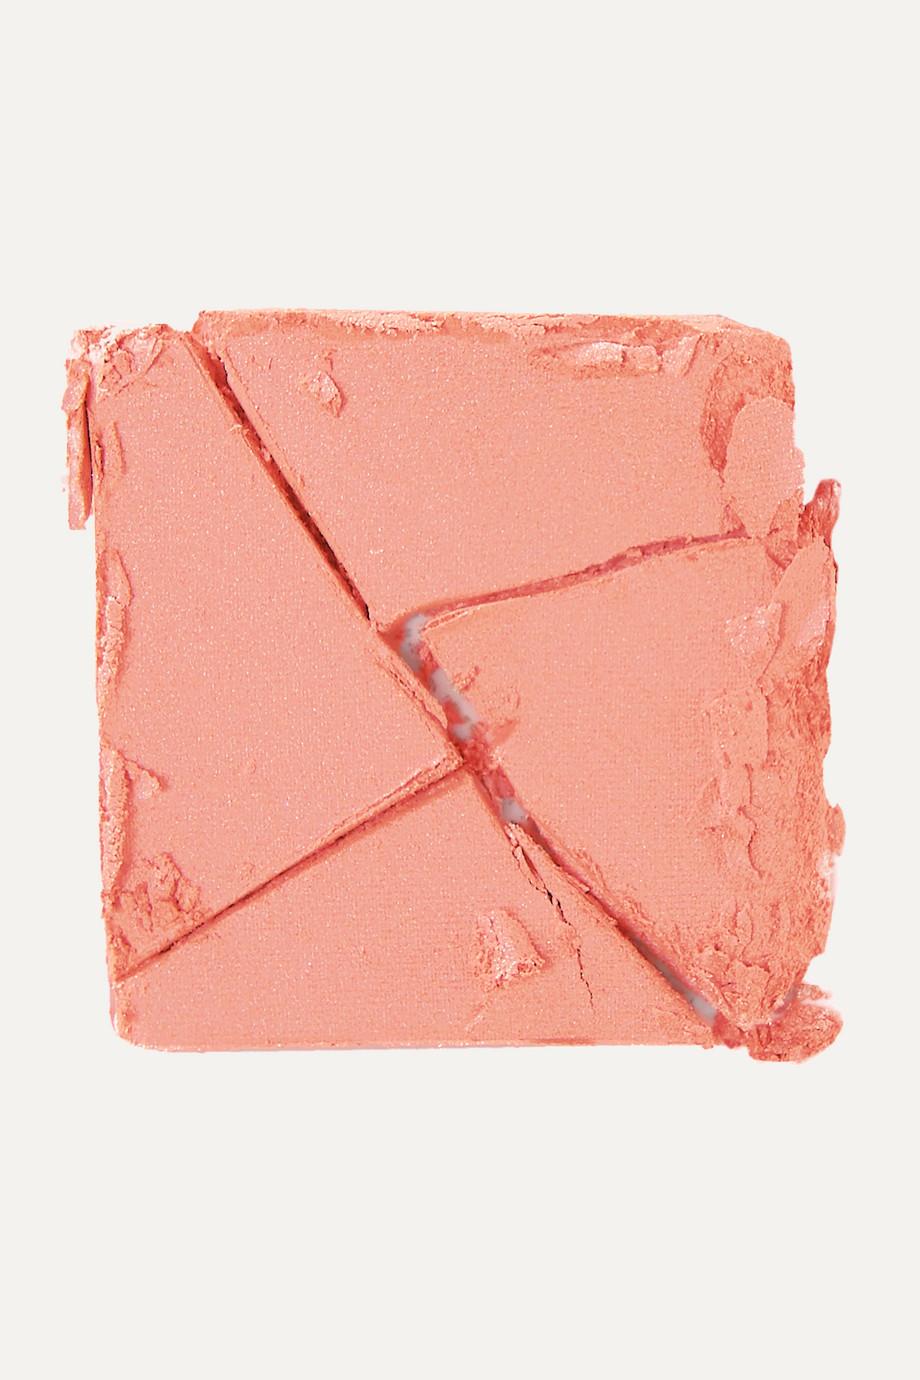 Shiseido InnerGlow Cheek Powder – Alpen Glow 06 – Rouge